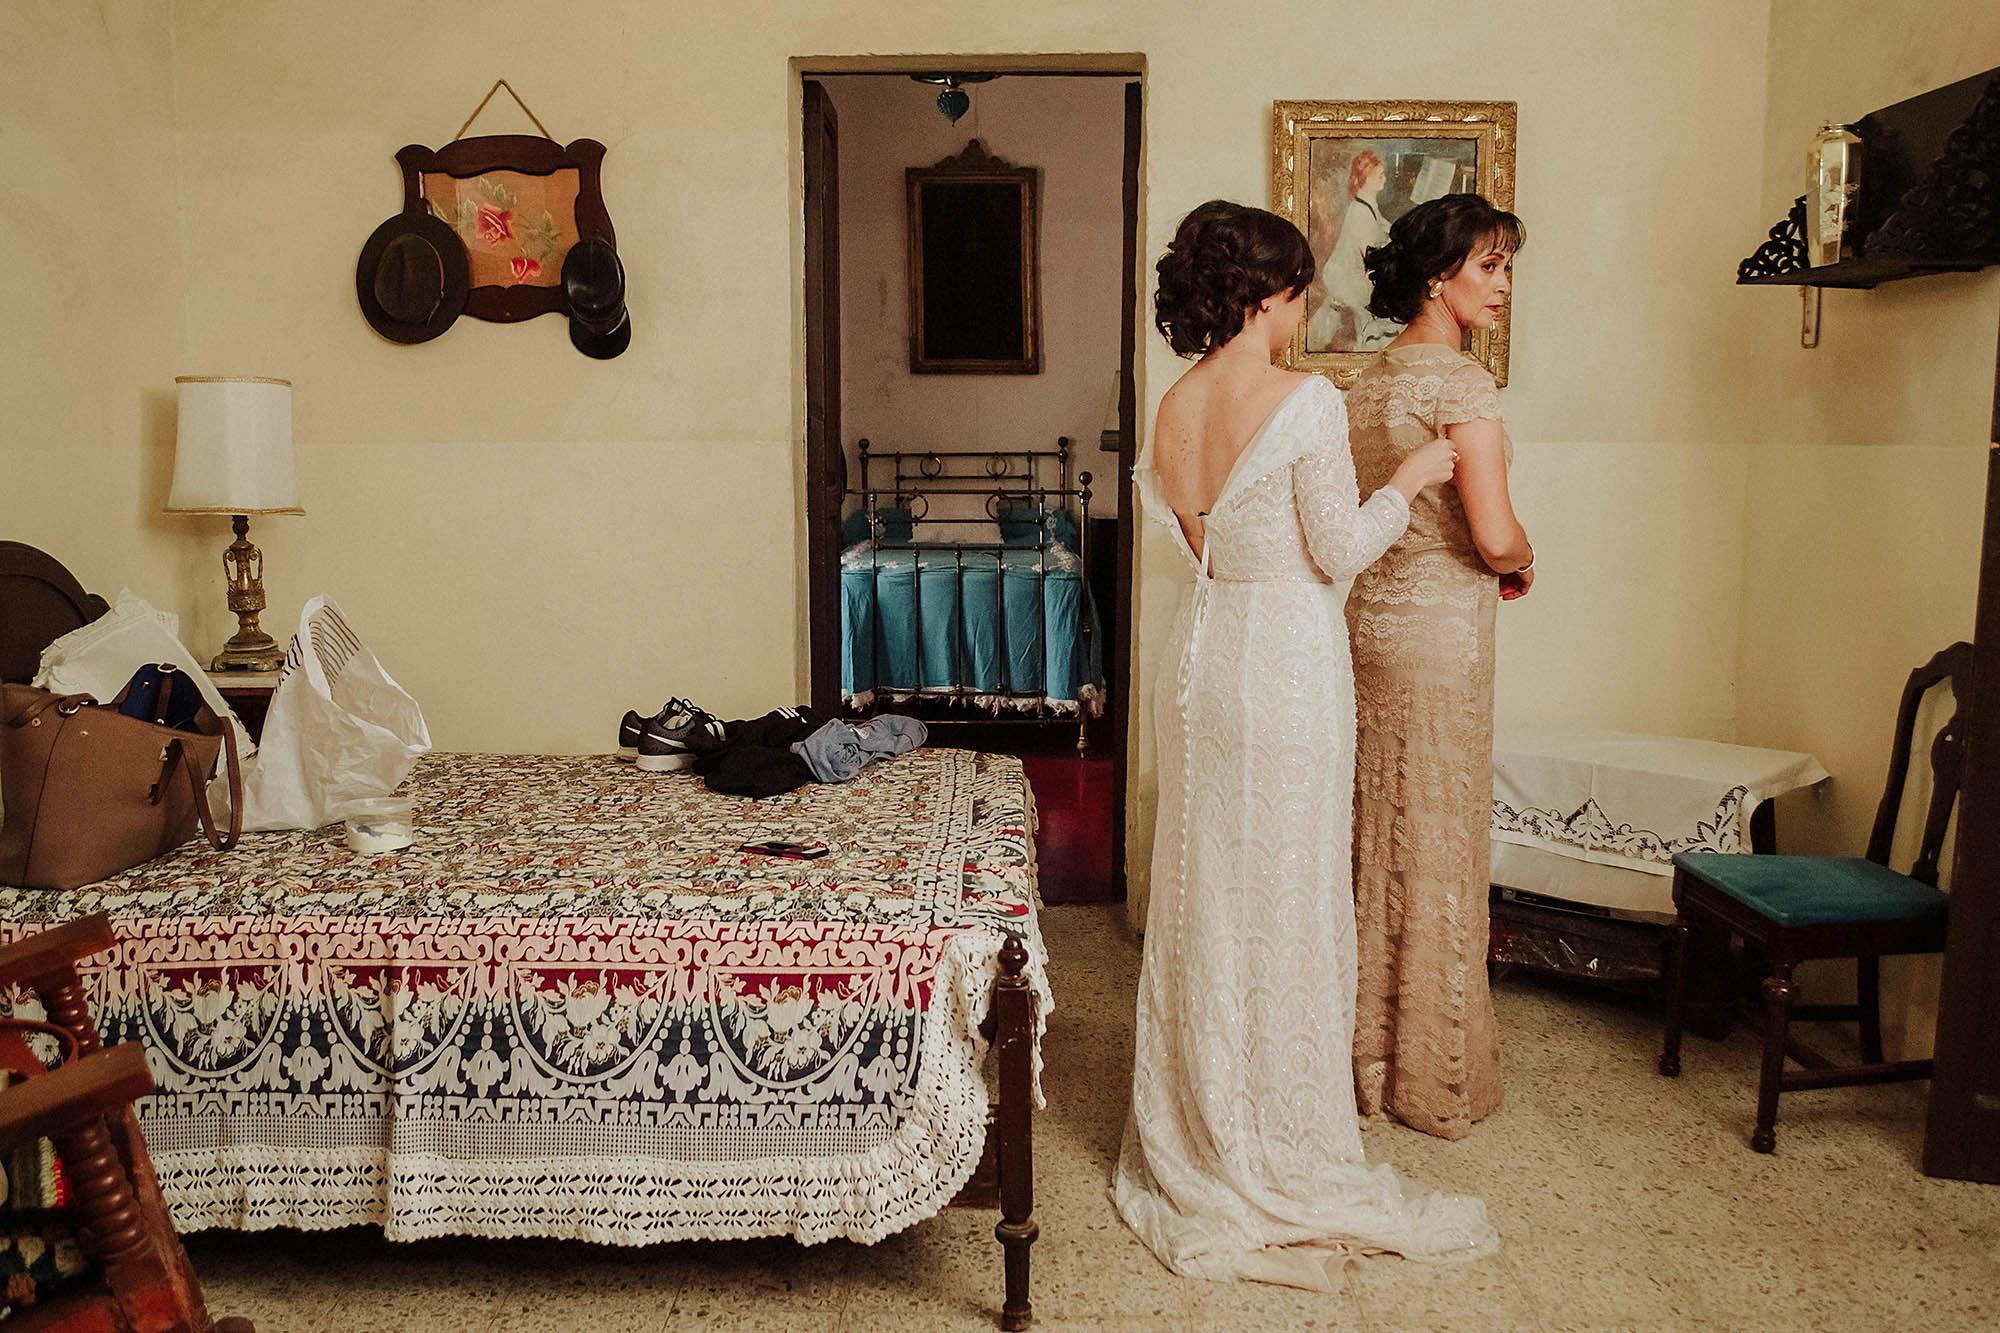 fotografia-de-boda-destino-Jimena-Mañon-Javier-Mere-13.jpg